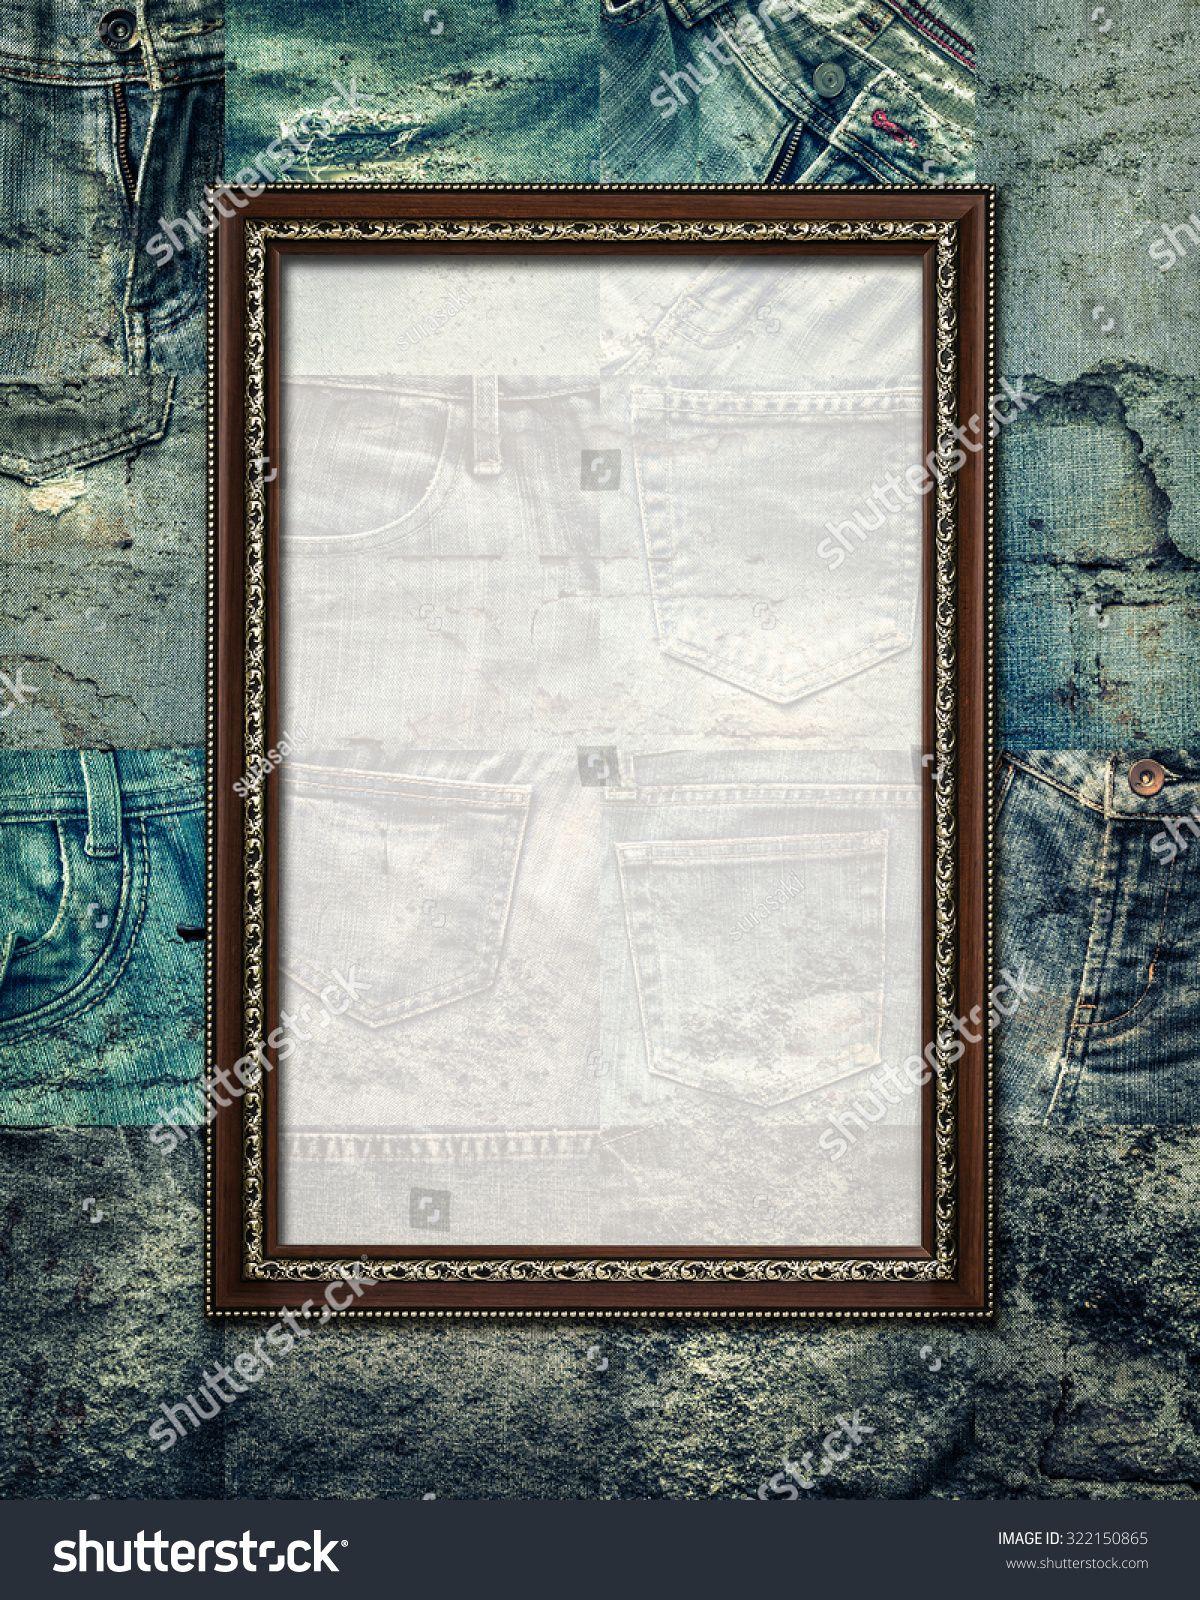 Vintage Picture Frame On Collage Set Of Rotten Jeans Background Sponsored Sponsored Frame Collage Vin In 2020 Vintage Picture Frames Leaf Texture Collage Vintage